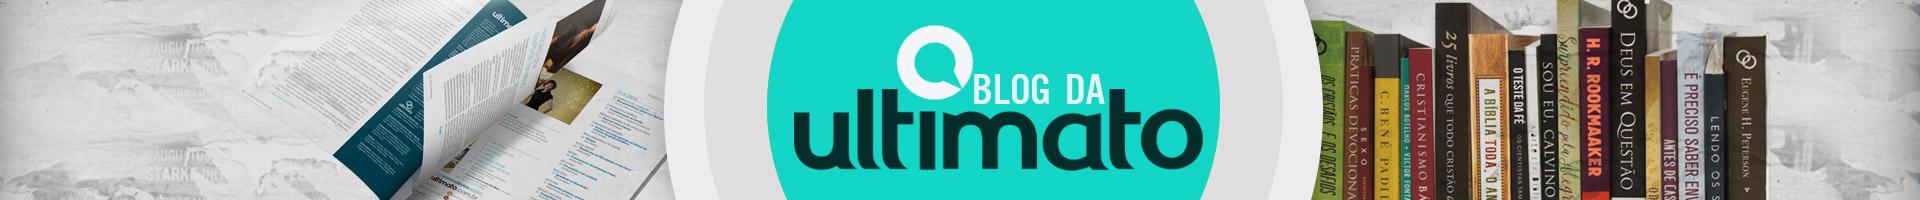 Blog da Ultimato